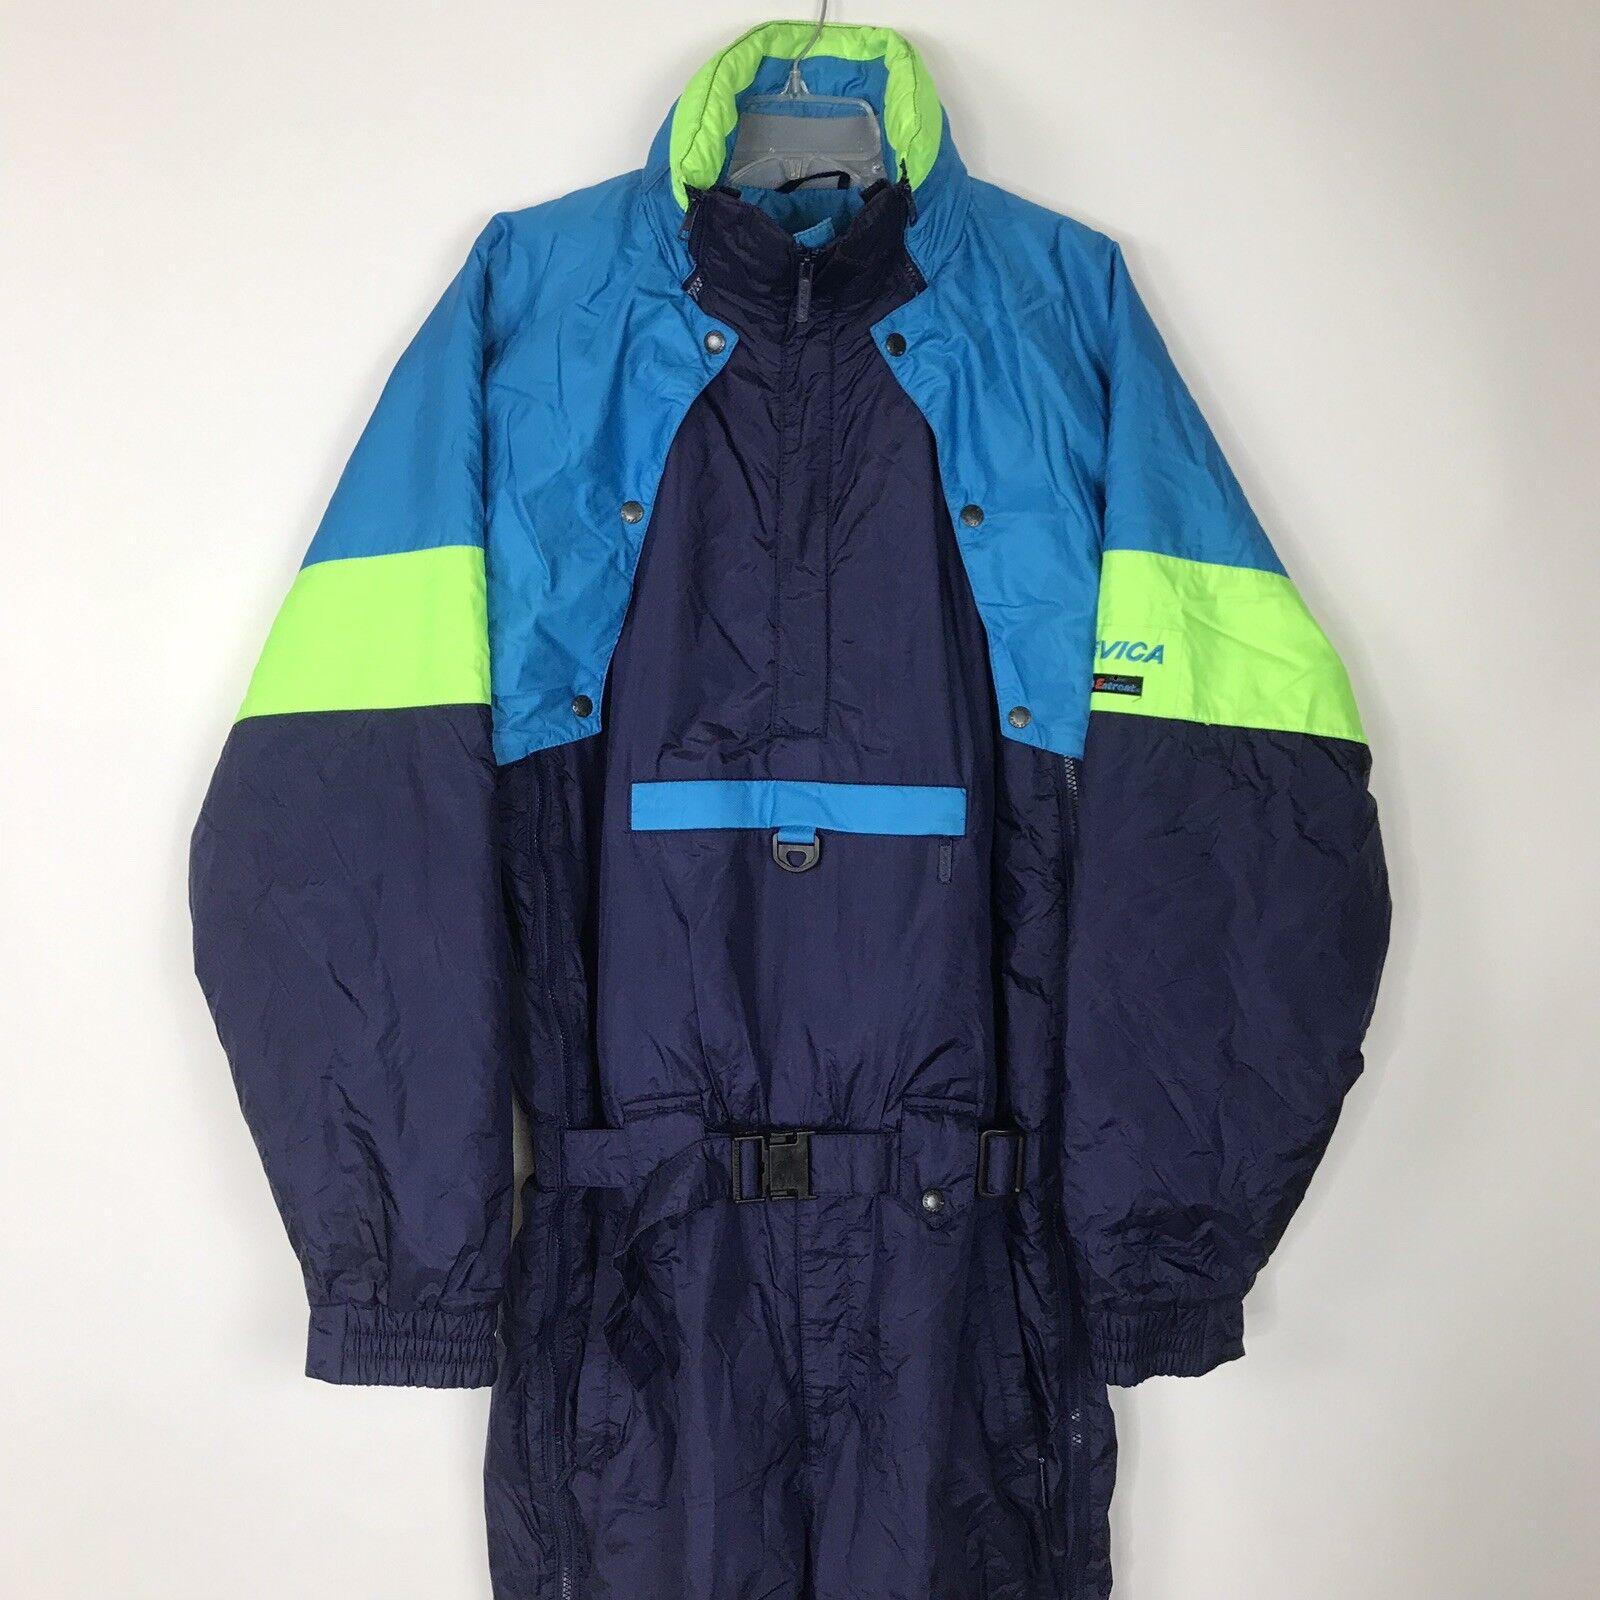 Vtg 80s 90s Nevica Mens  Sz 44 Ski Suit Snow Bib Navy Neon Snowsuit Entrant Z15  manufacturers direct supply